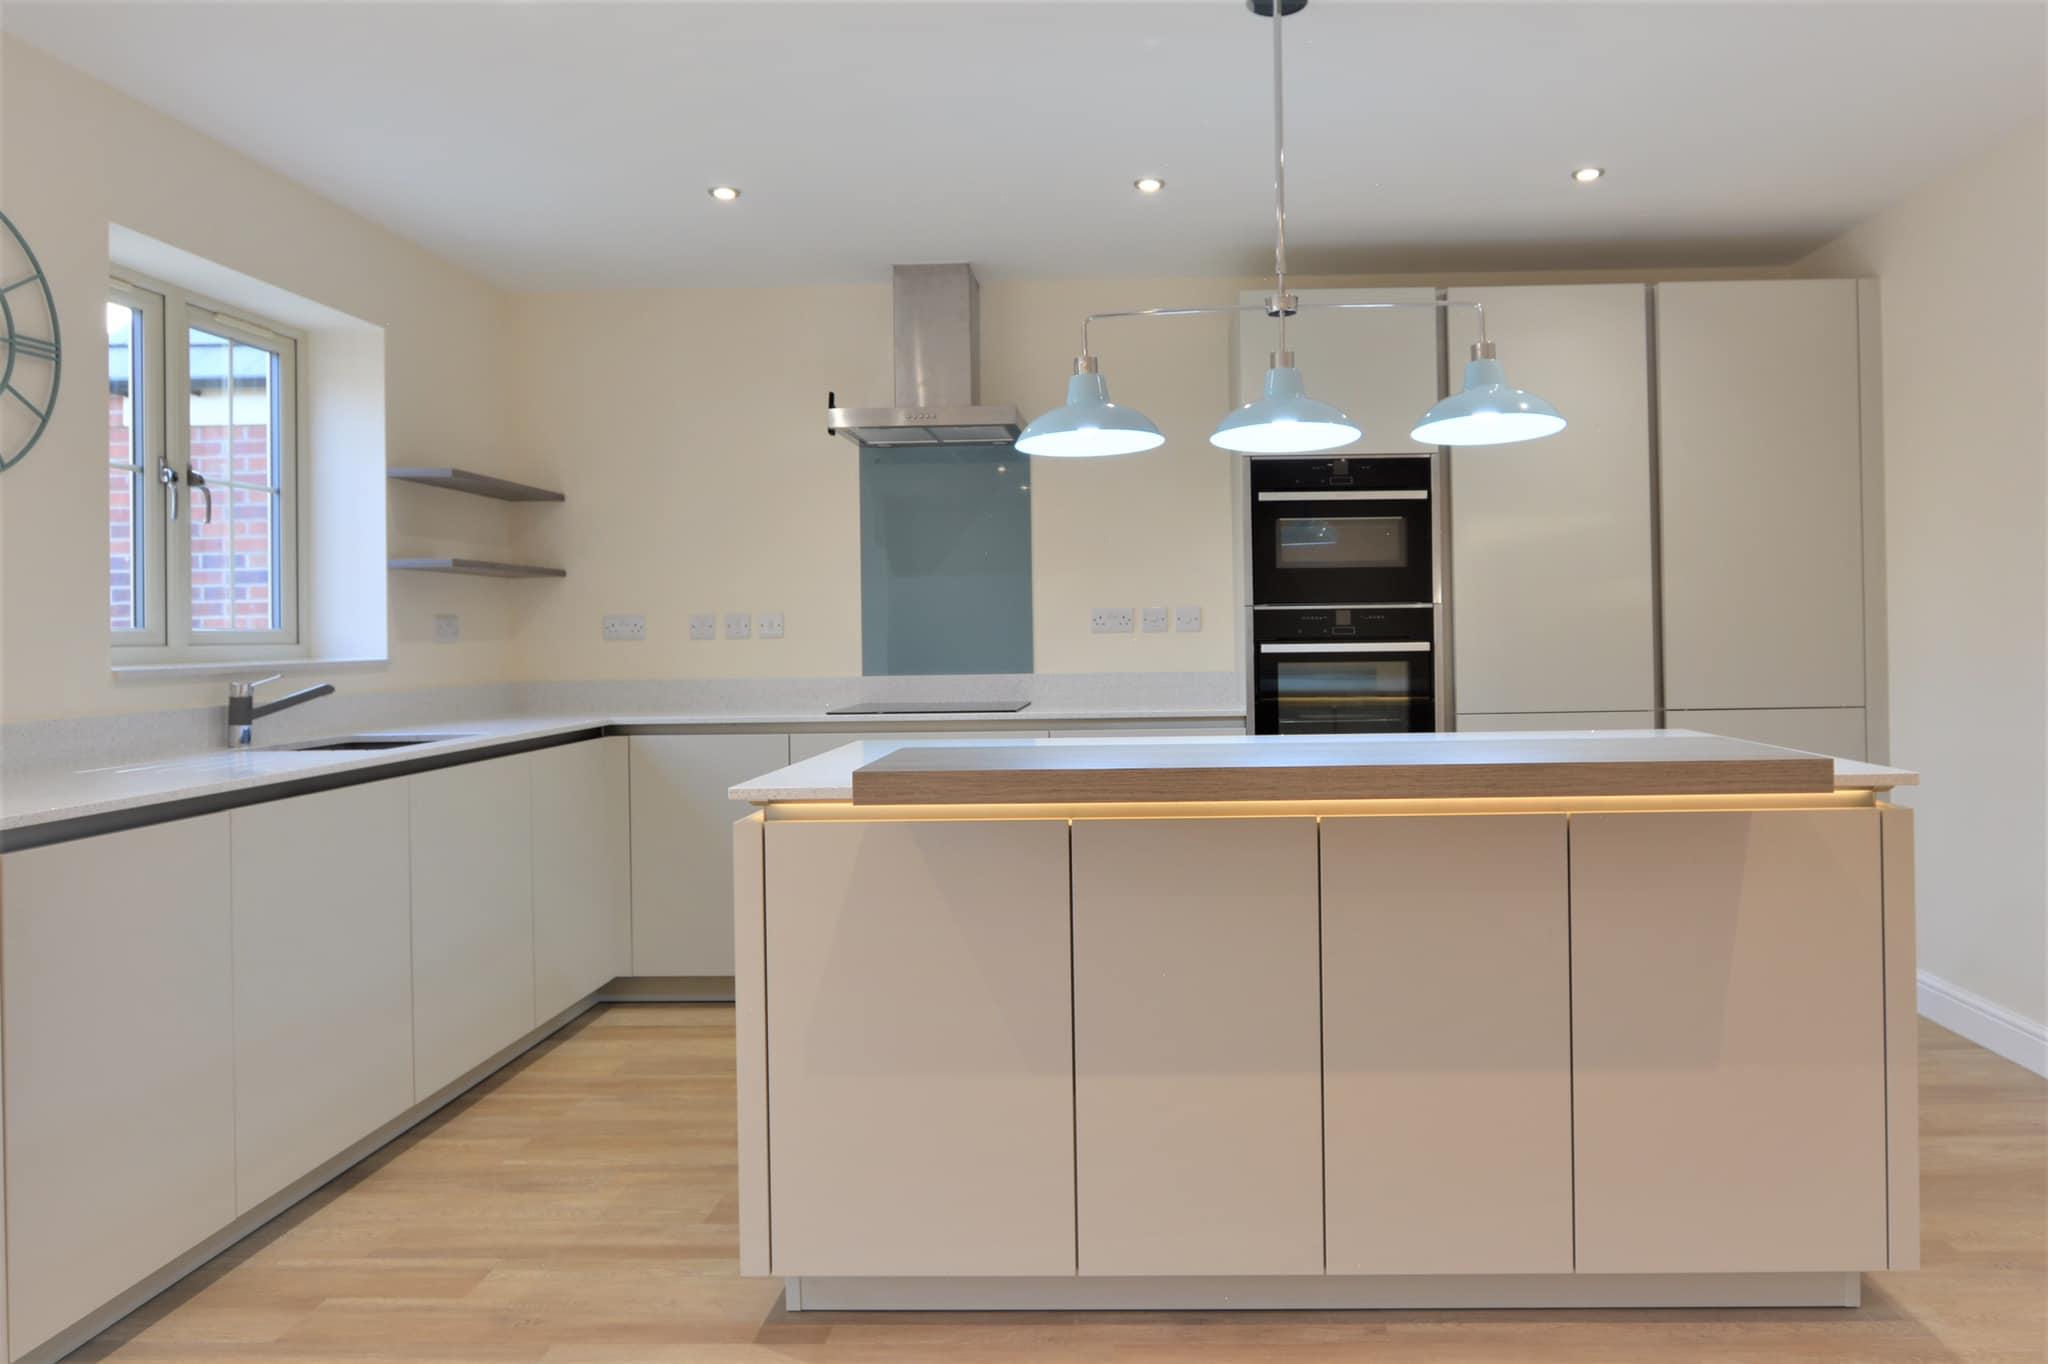 Light Grey Kitchen - matt kitchen in an off-white colour